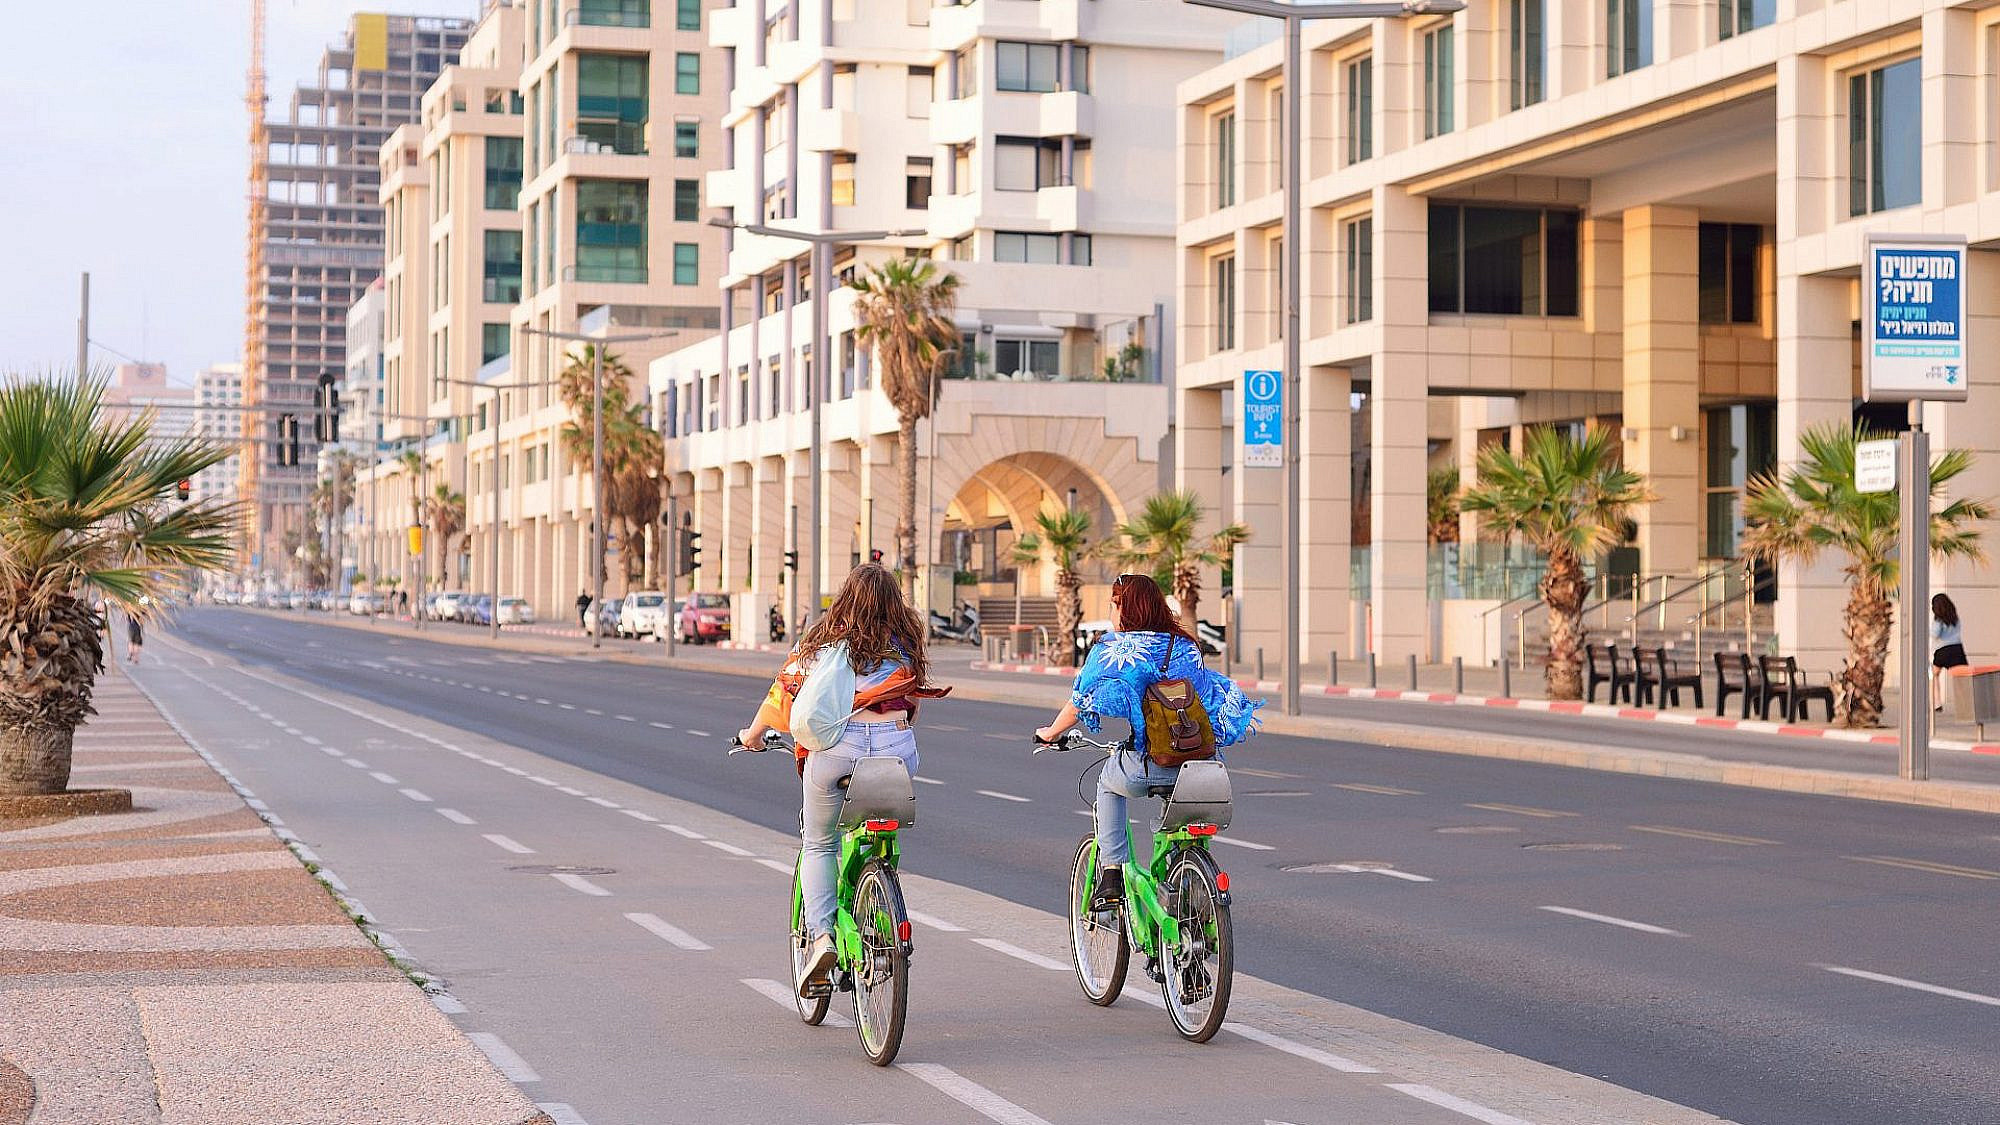 שביל האופניים בטיילת (צילום: Shutterstock)